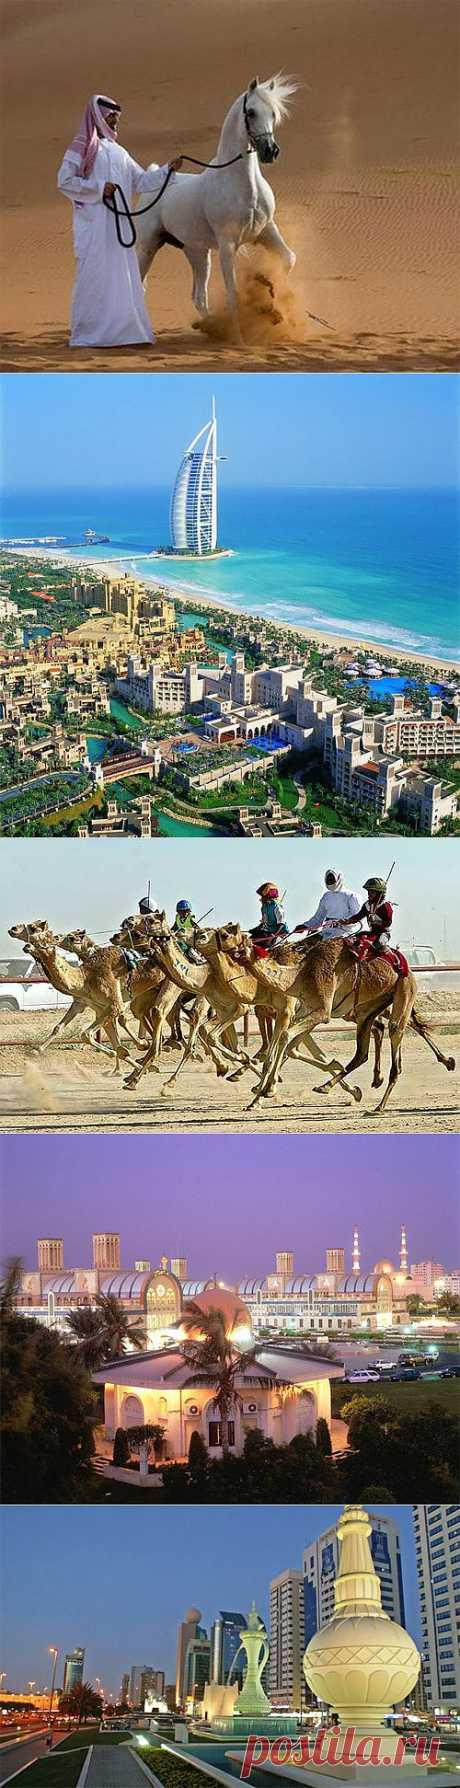 Лето продолжается: путешествие в ОАЭ | Красота Жизни